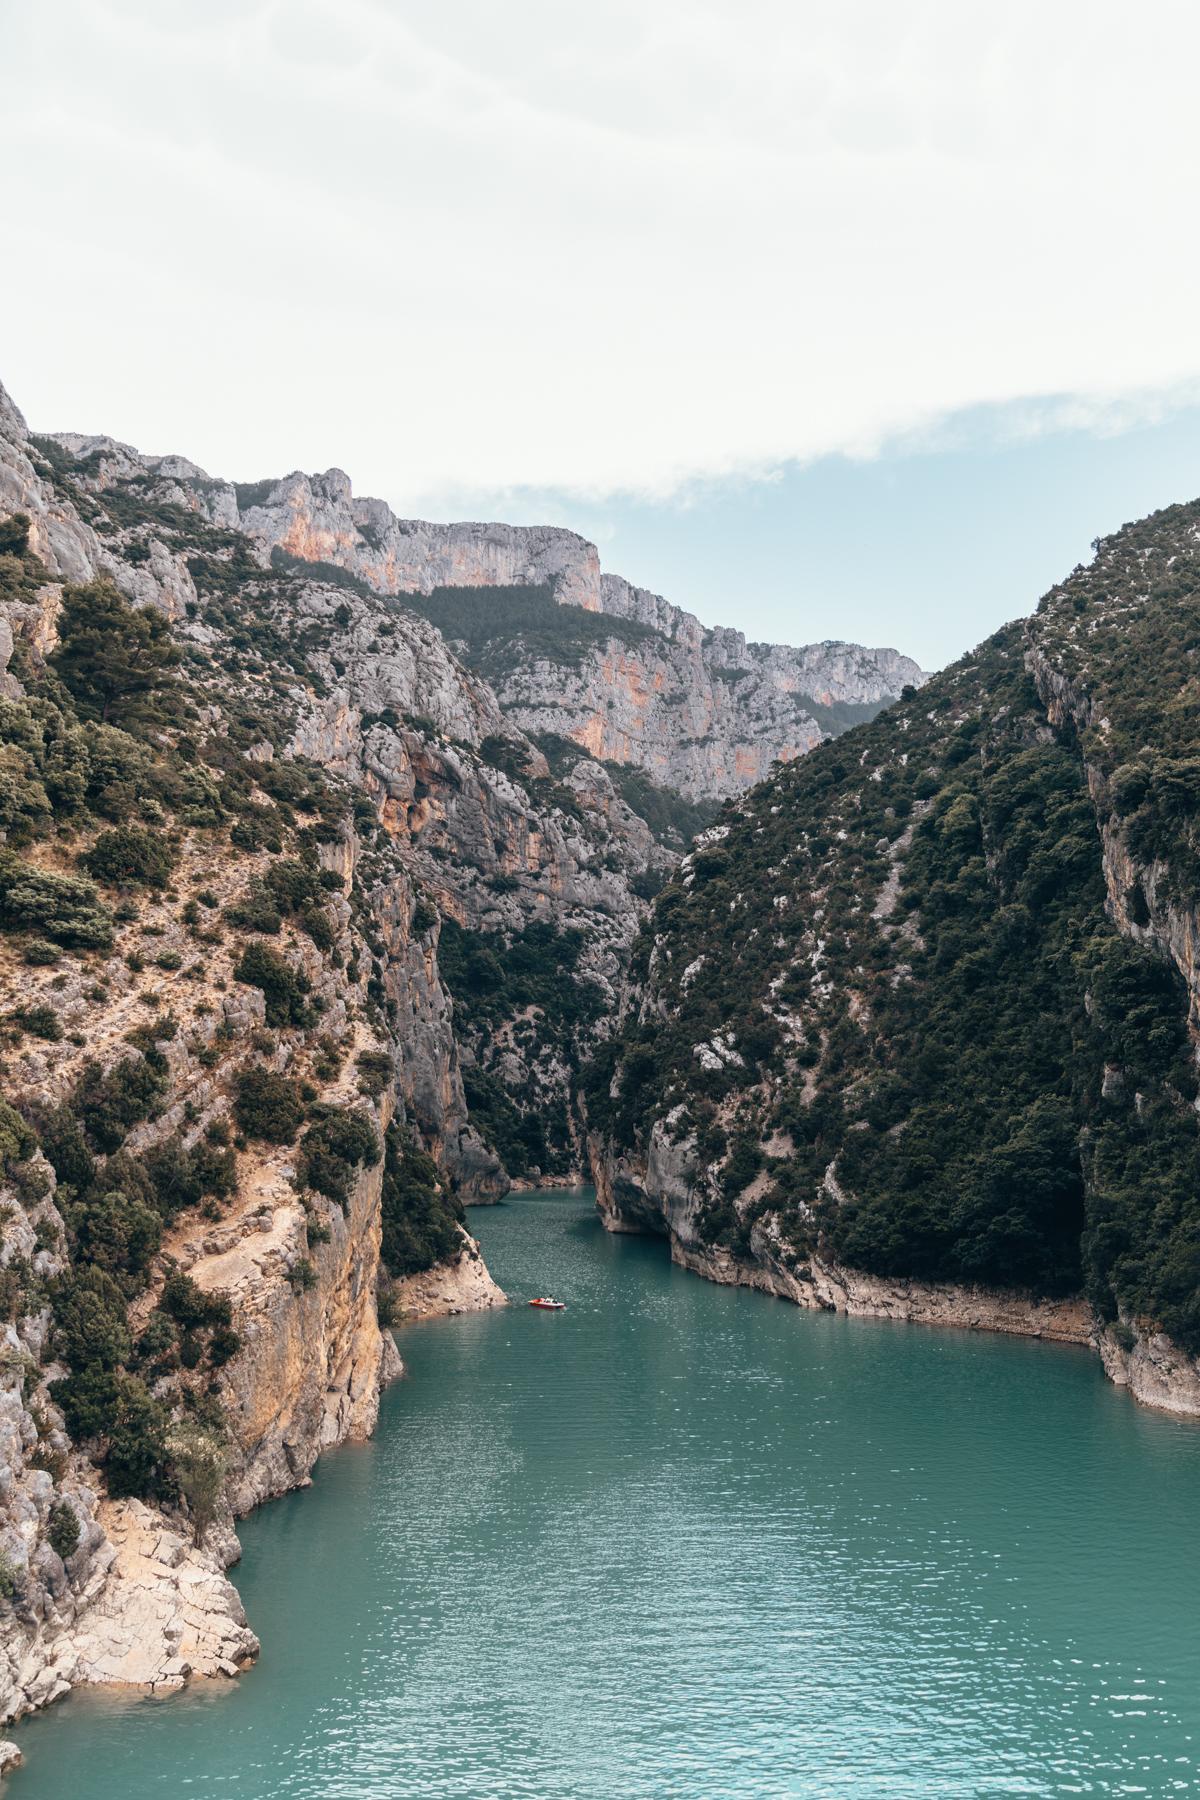 lac-sainte-croix-gorges-verdon-4